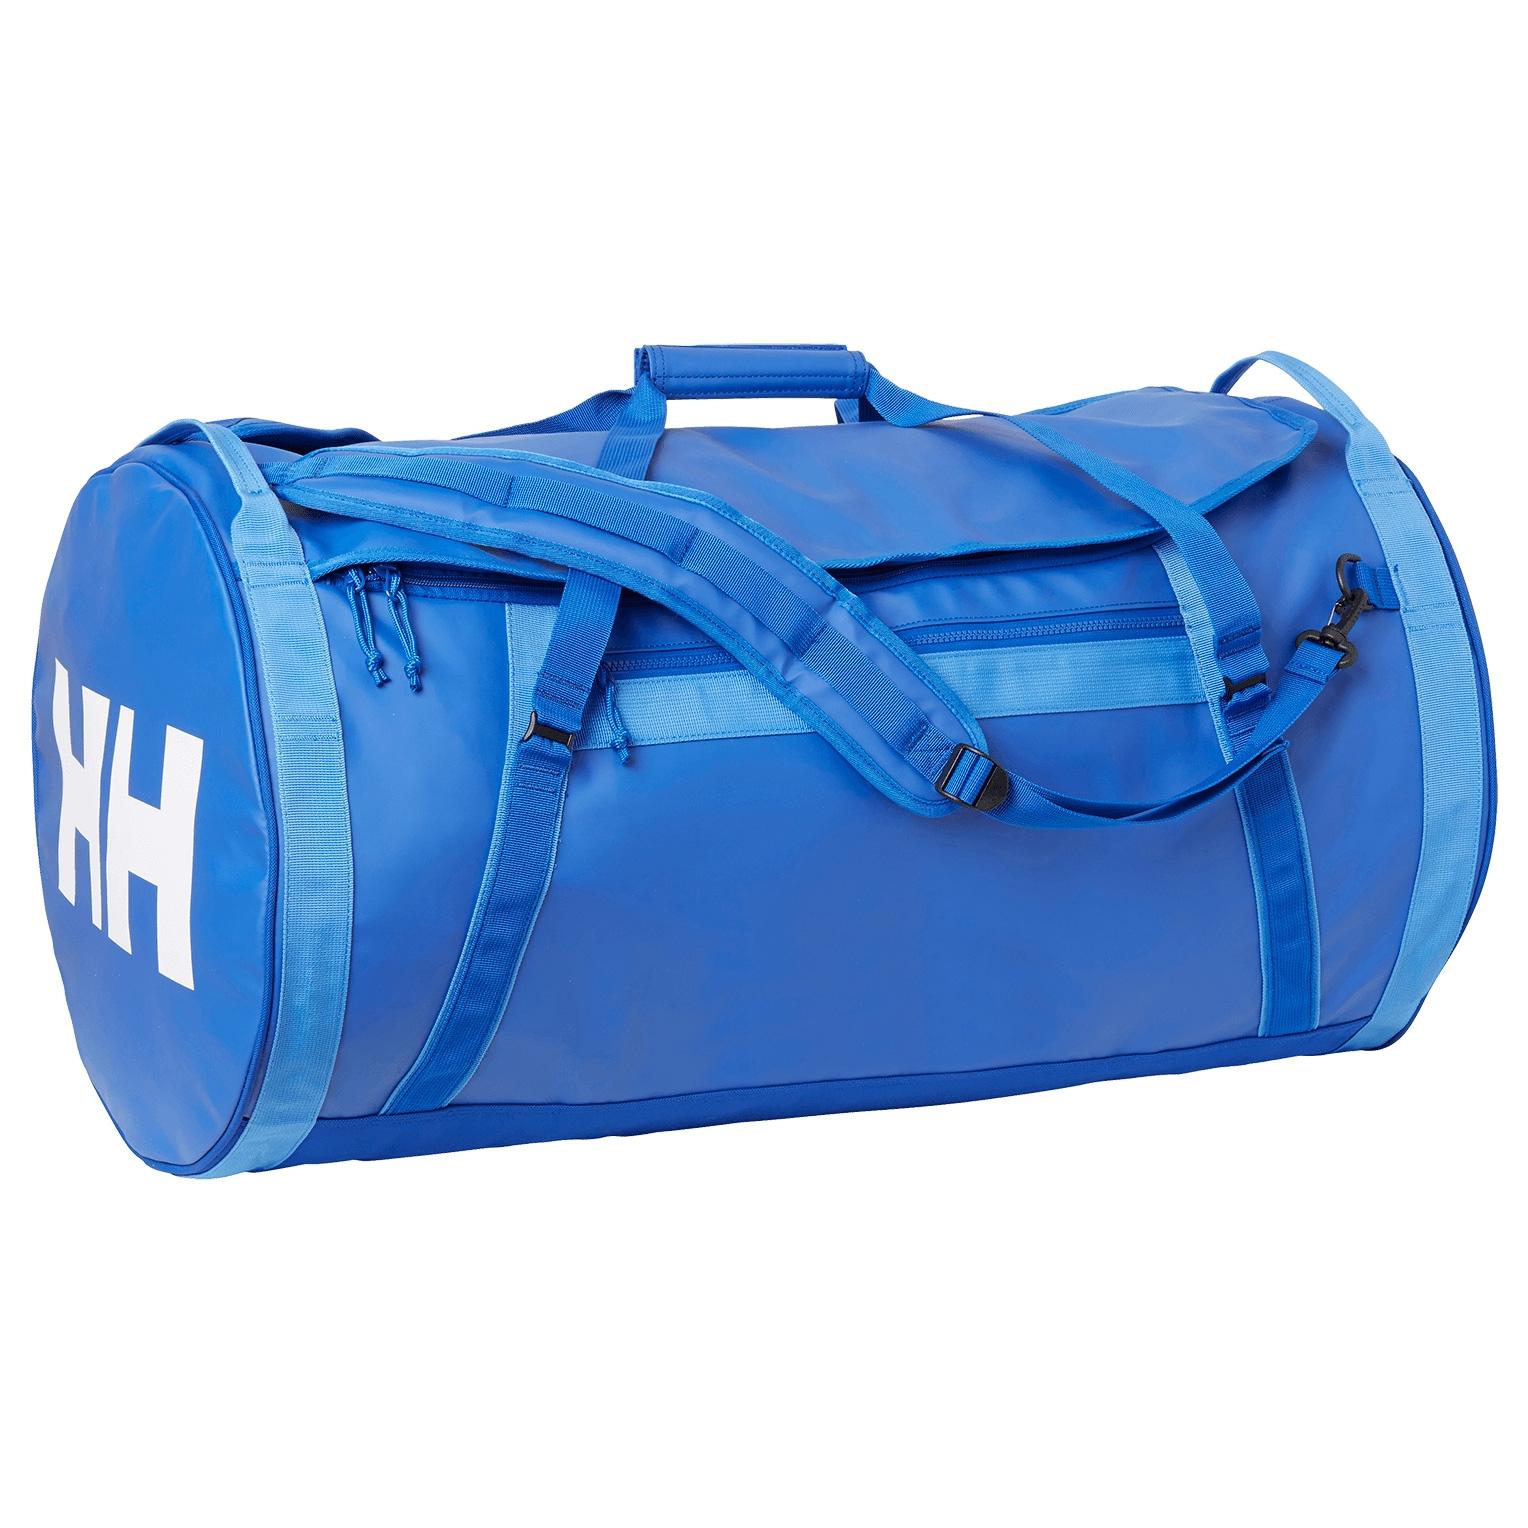 grand choix de 668bc aa06b Sac de voyage Helly Hansen HH Duffel Bag 2 70L